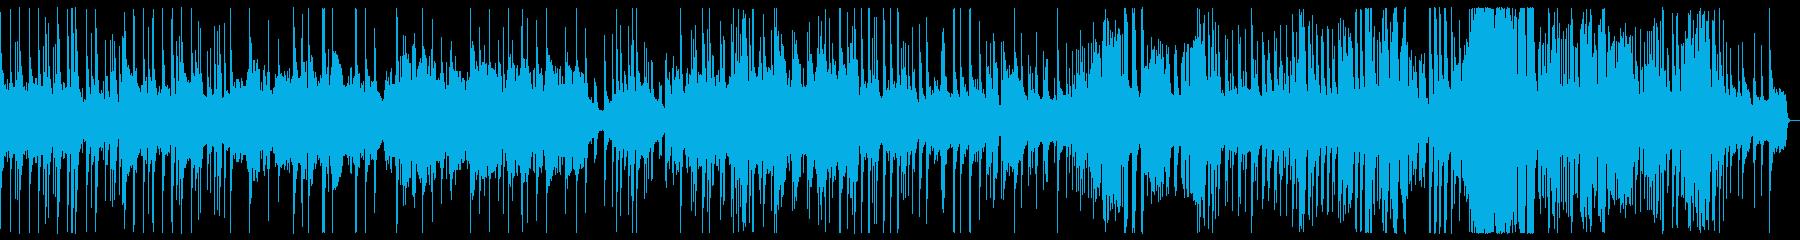 千鳥の曲 神秘的なサウンドの再生済みの波形